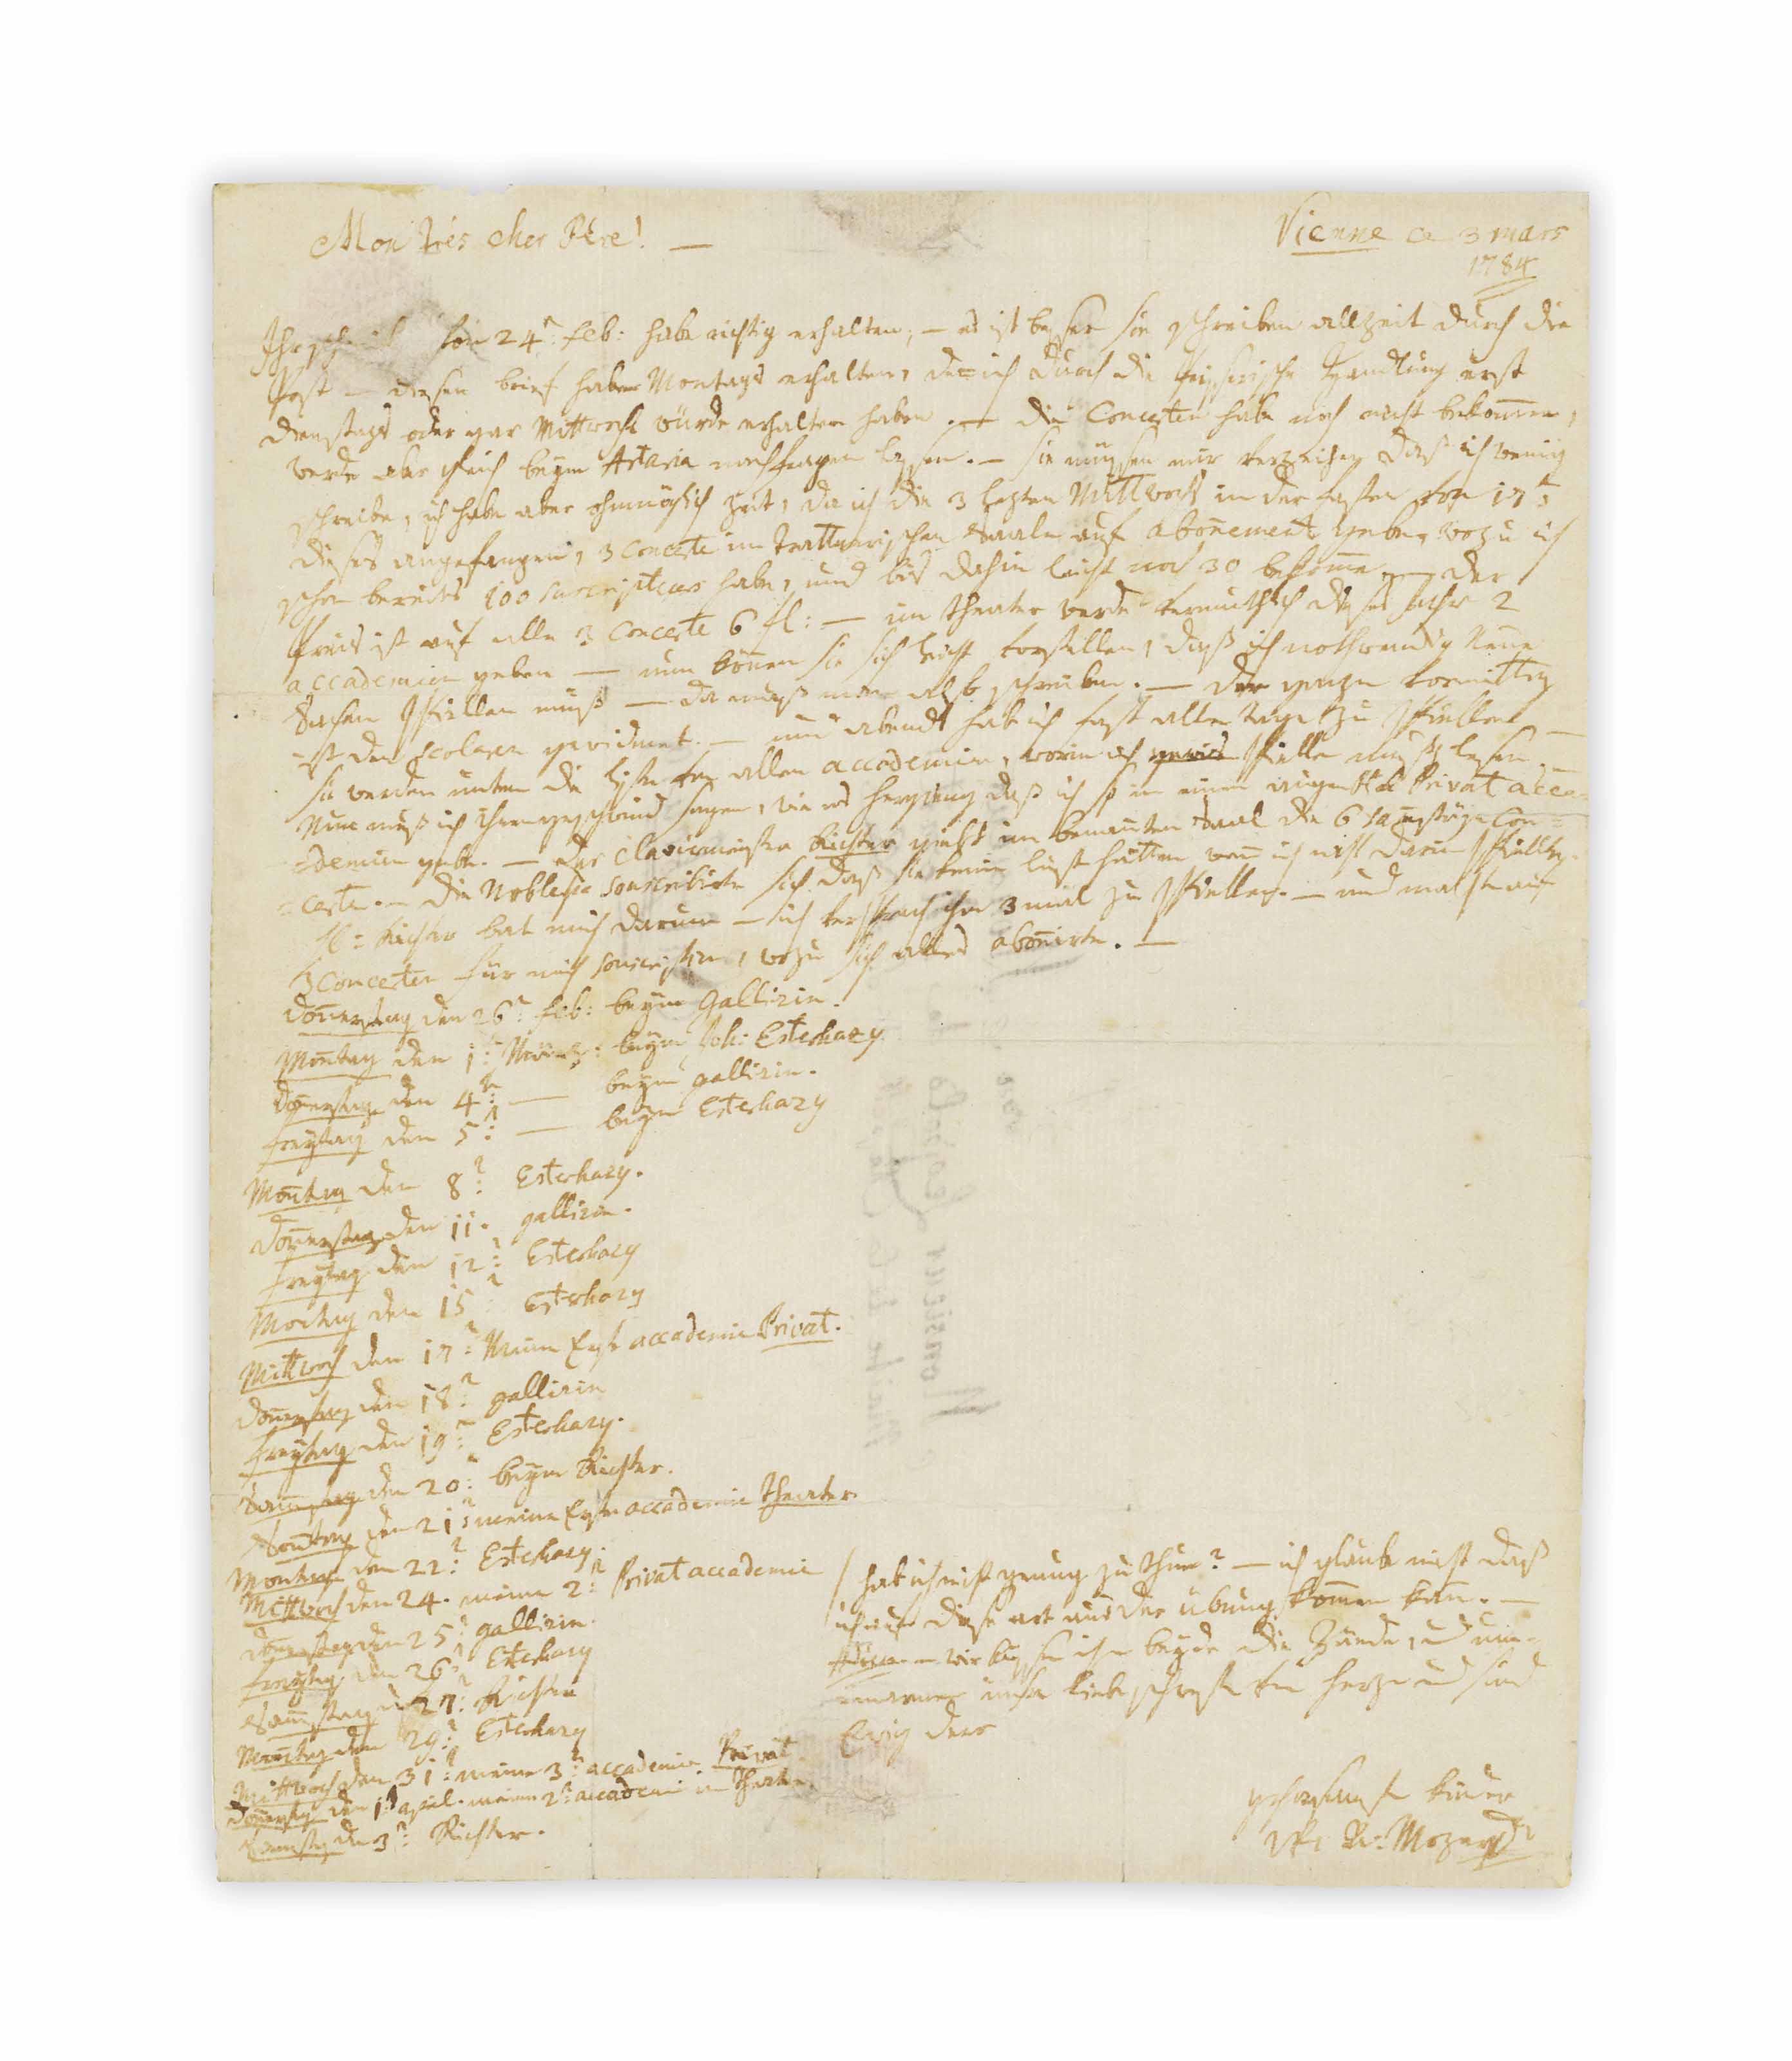 MOZART, Wolfgang Amadeus (1756-1791). Autograph letter Signed ('W: A: Mozart') to his father [Leopold: 'Mon trés chere Pére'], Vienna, 3 March 1784.